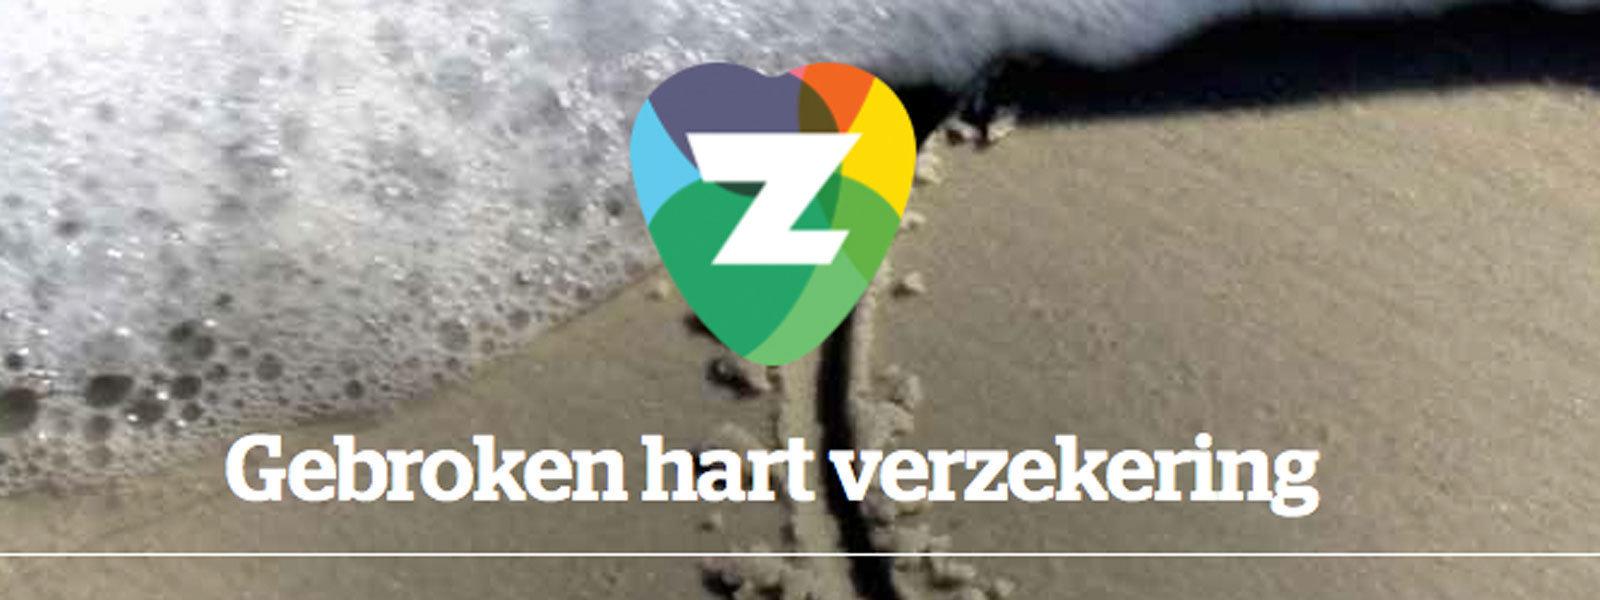 De eerste gebroken hart verzekering van Nederland